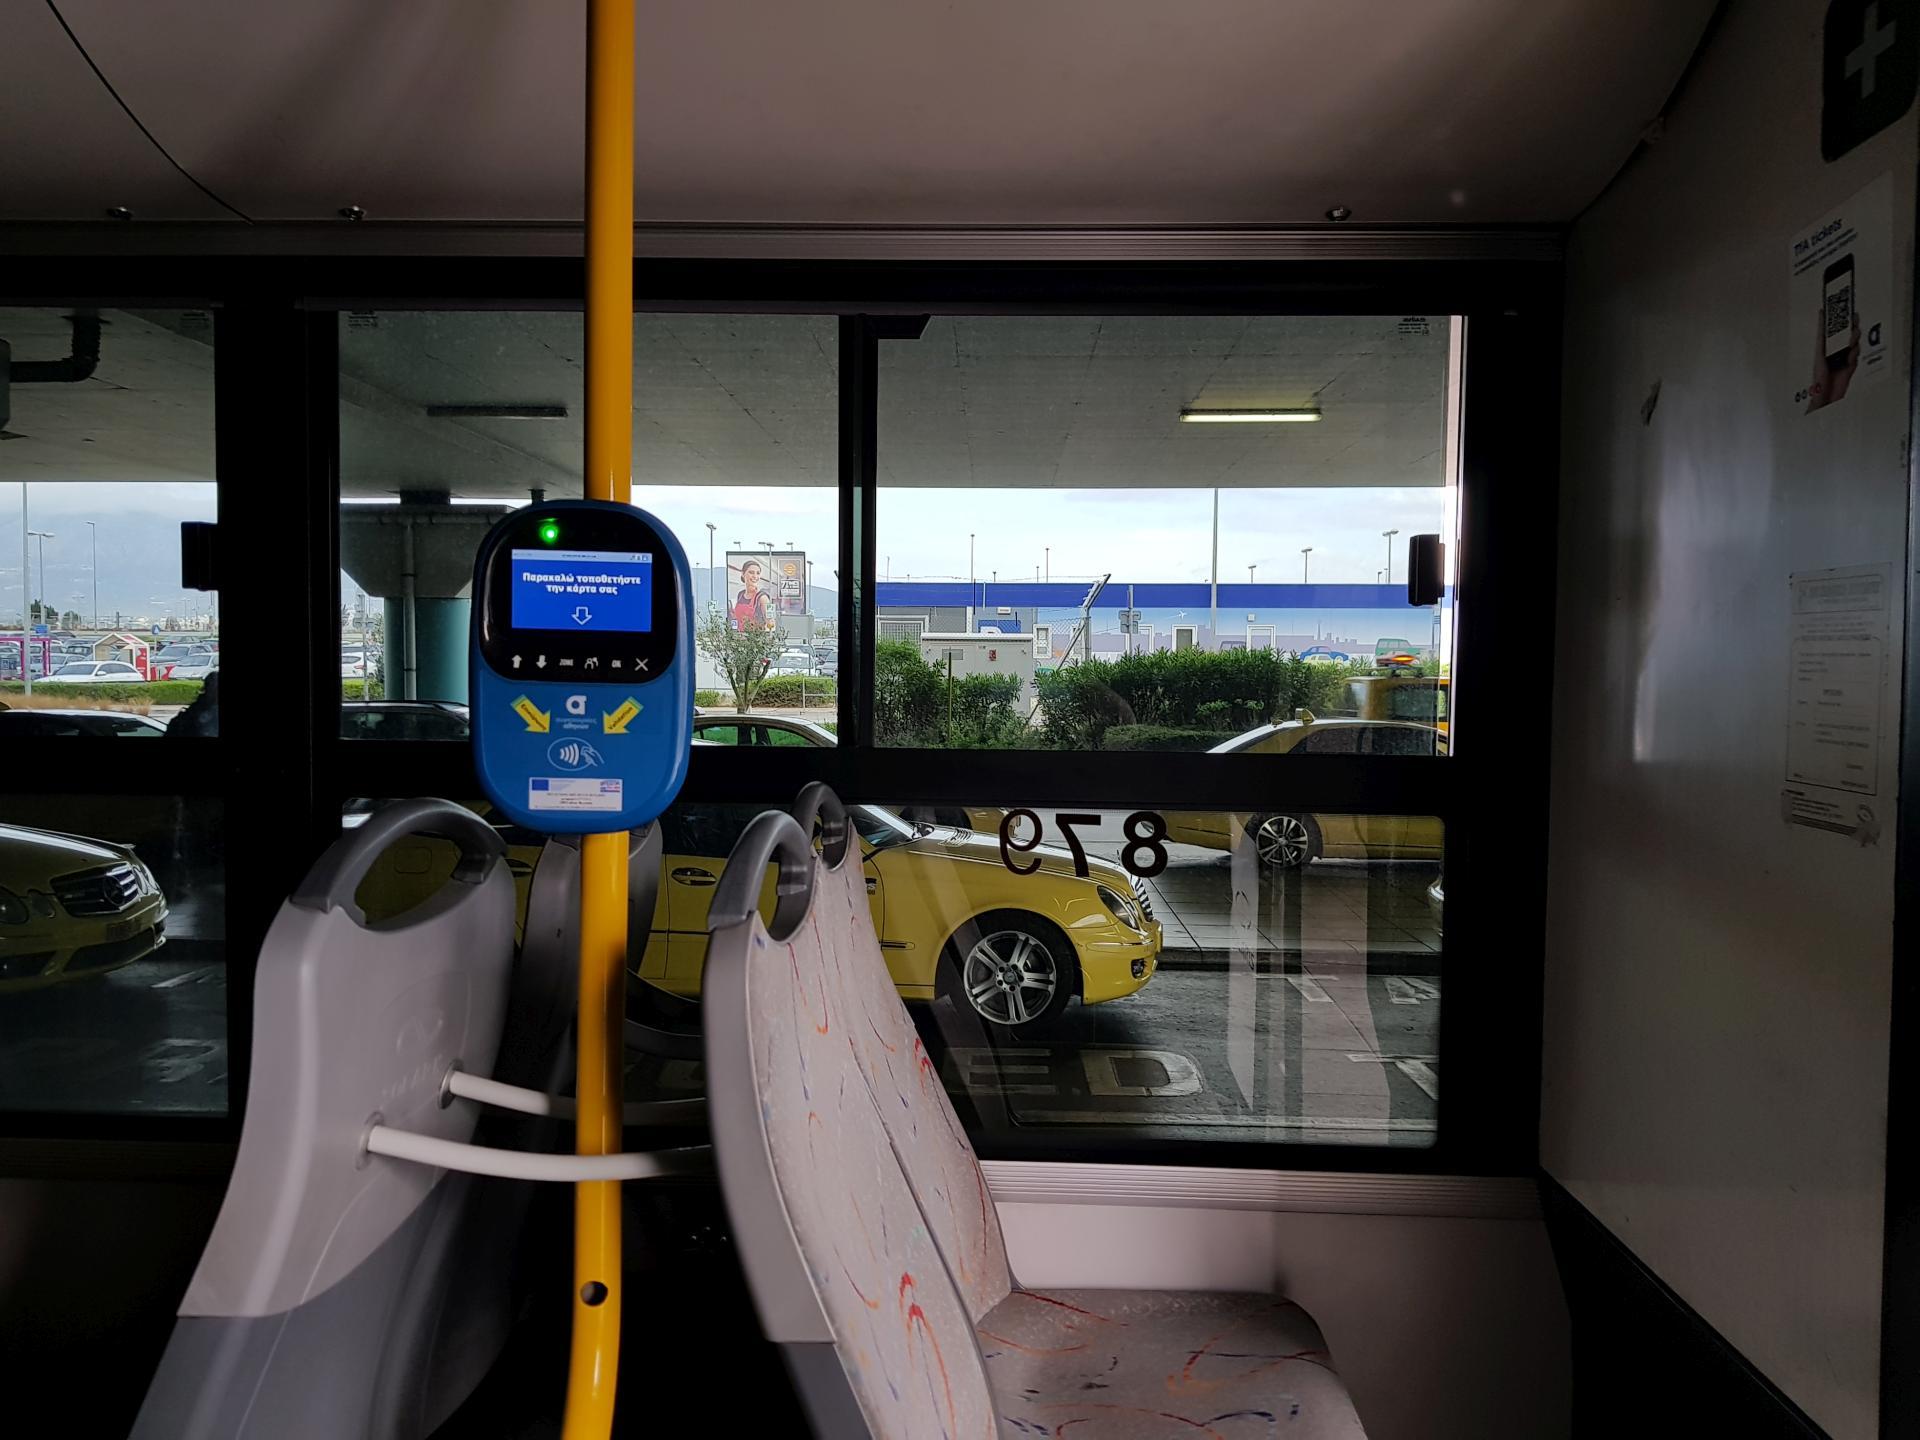 считыватель билета в автобусе, Греция